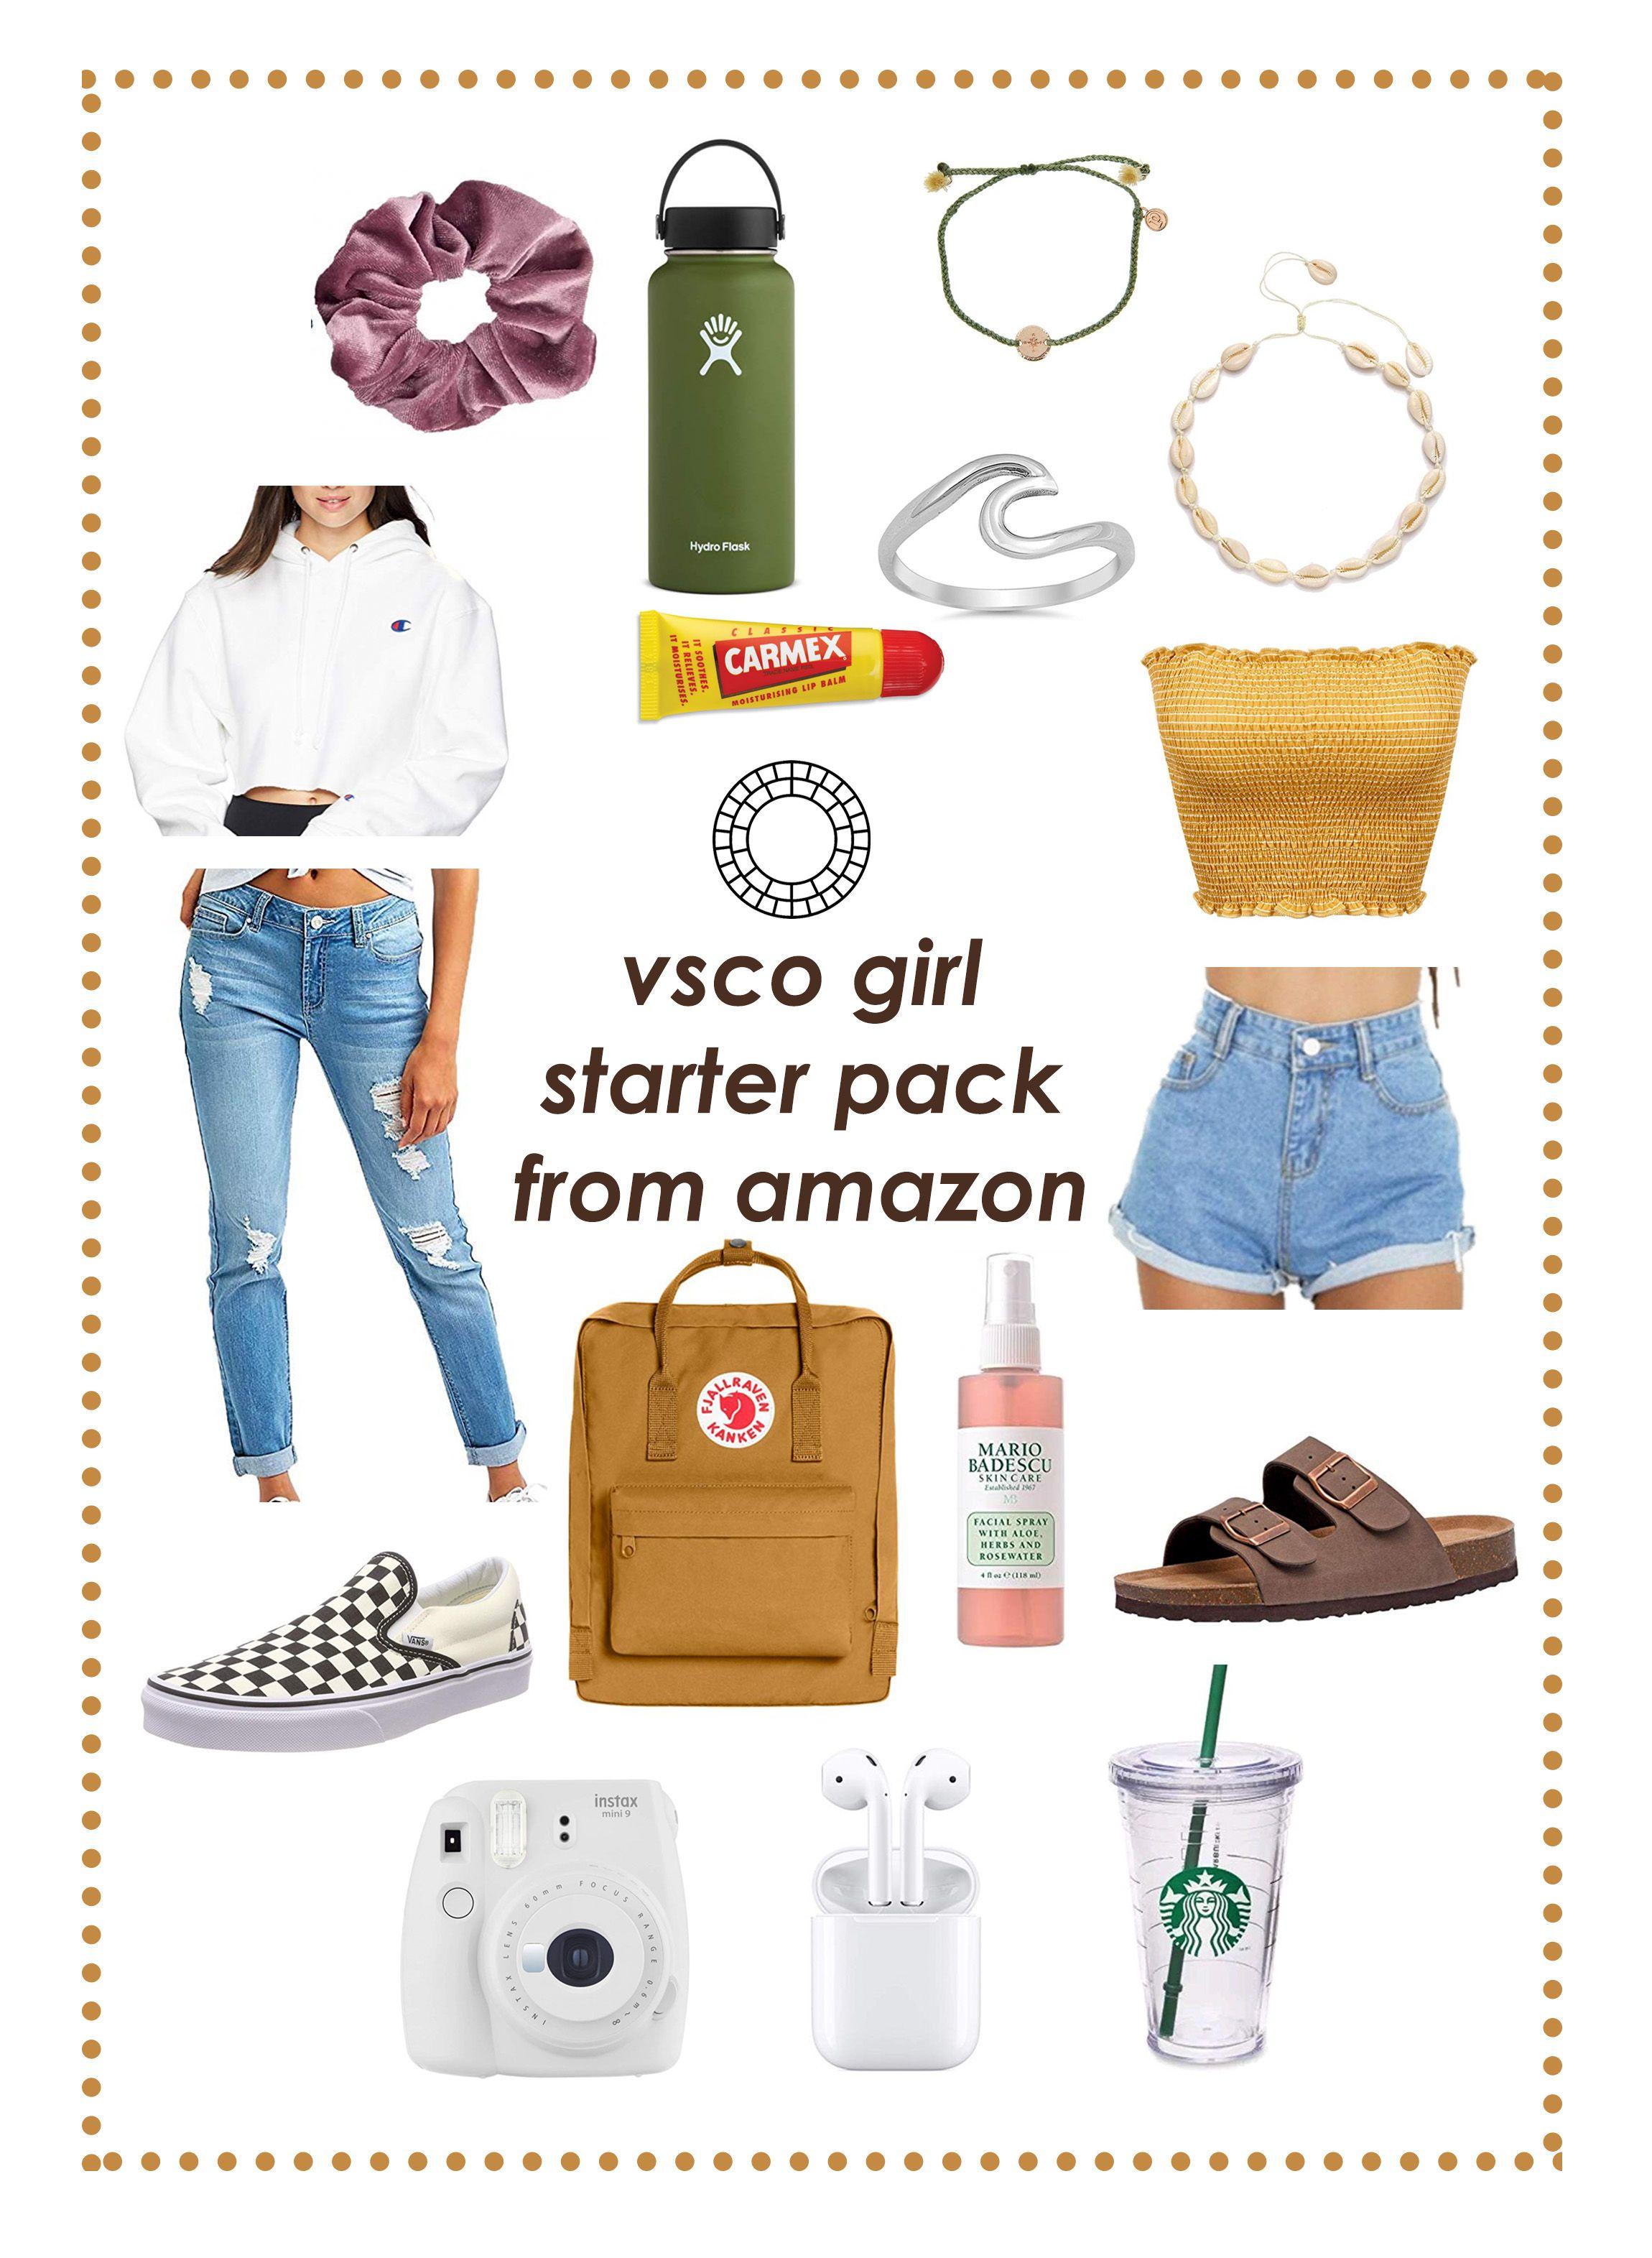 Vsco girl starter pack from Amazon in 2020 | Lou